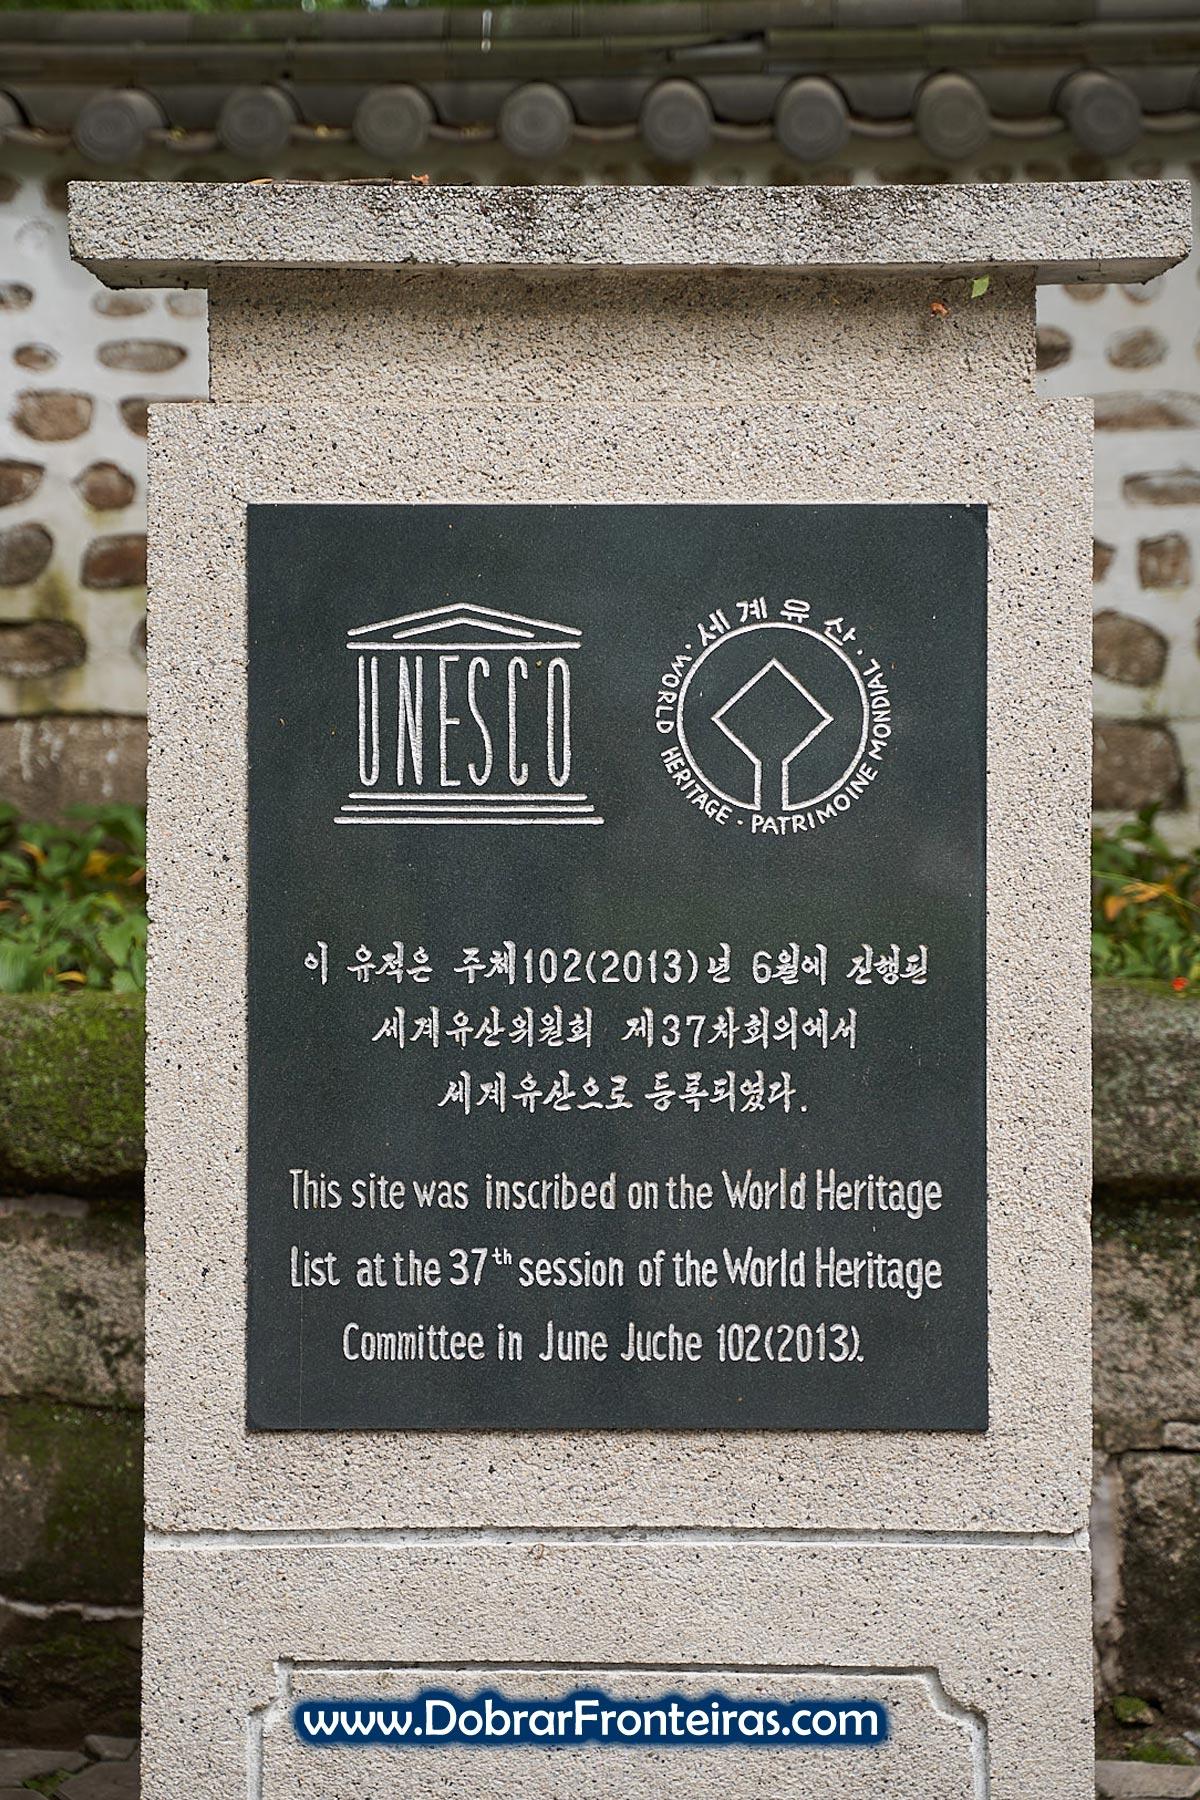 universidade de Kaesong placa UNESCO whs